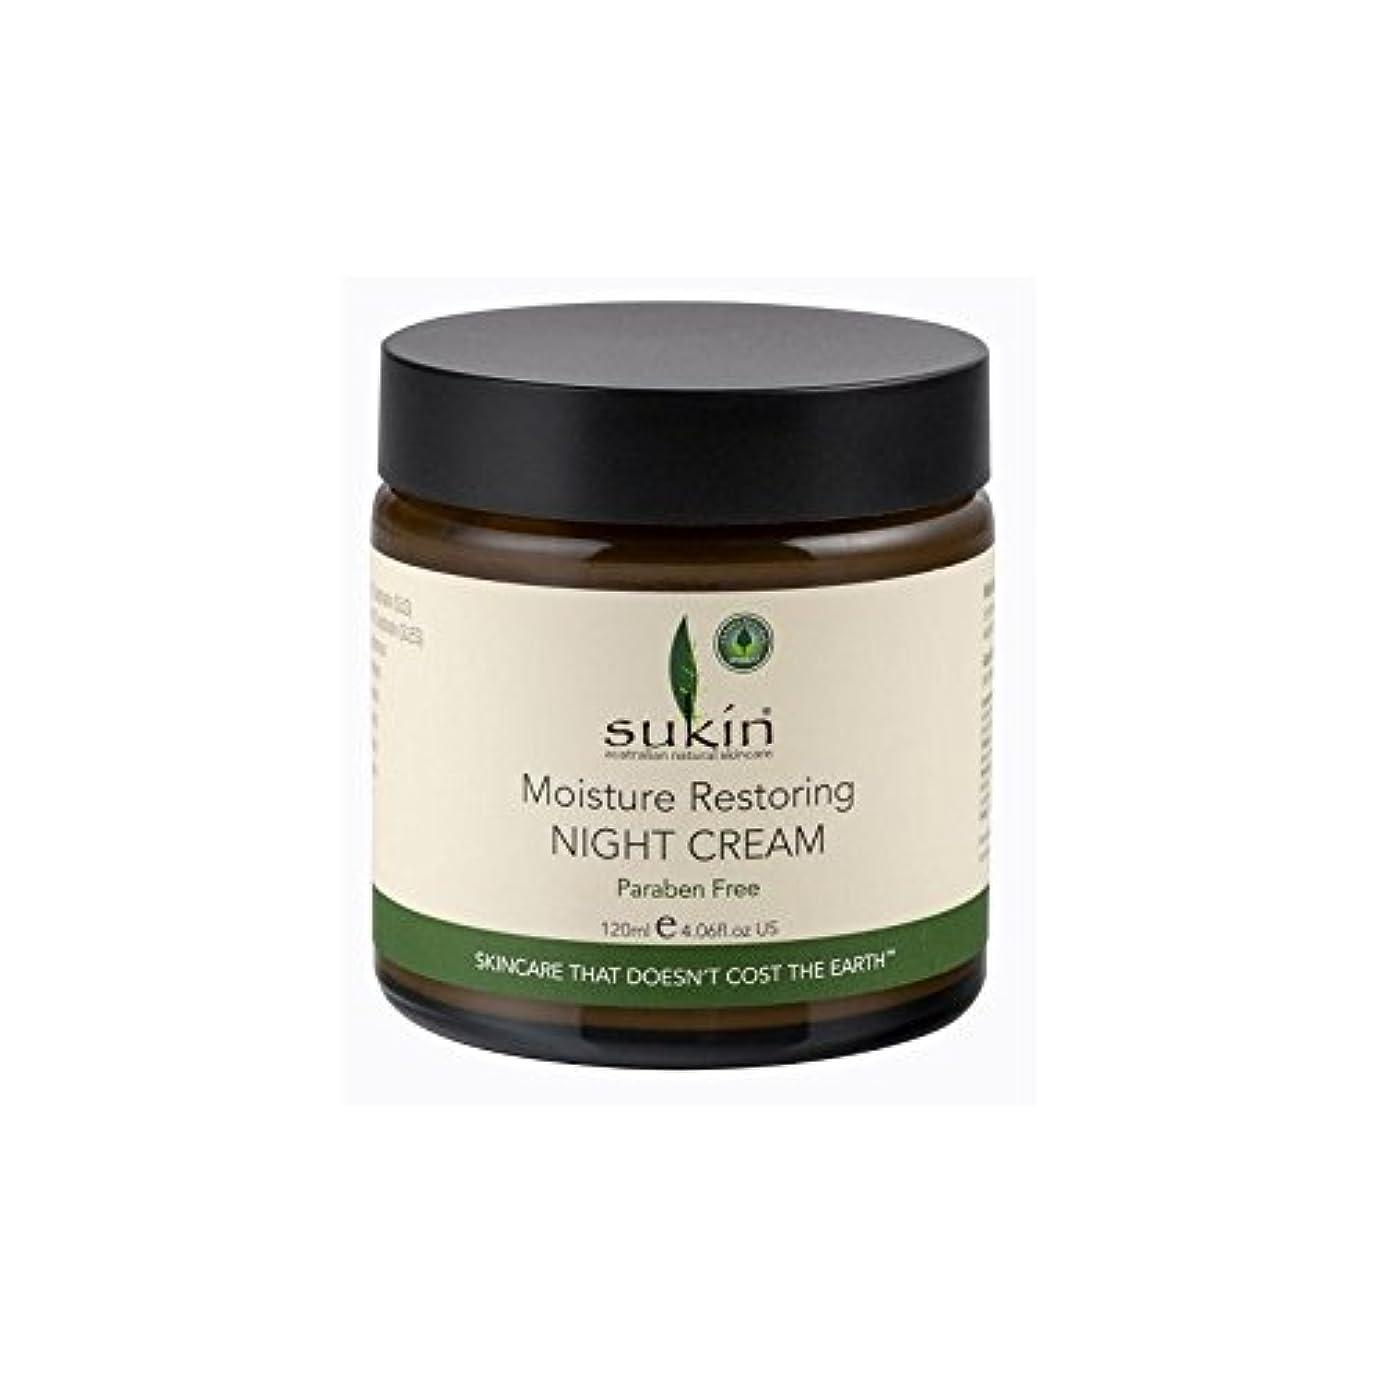 マルコポーロ配列マナーSukin Moisture Restoring Night Cream (120ml) (Pack of 6) - 水分復元ナイトクリーム(120ミリリットル) x6 [並行輸入品]